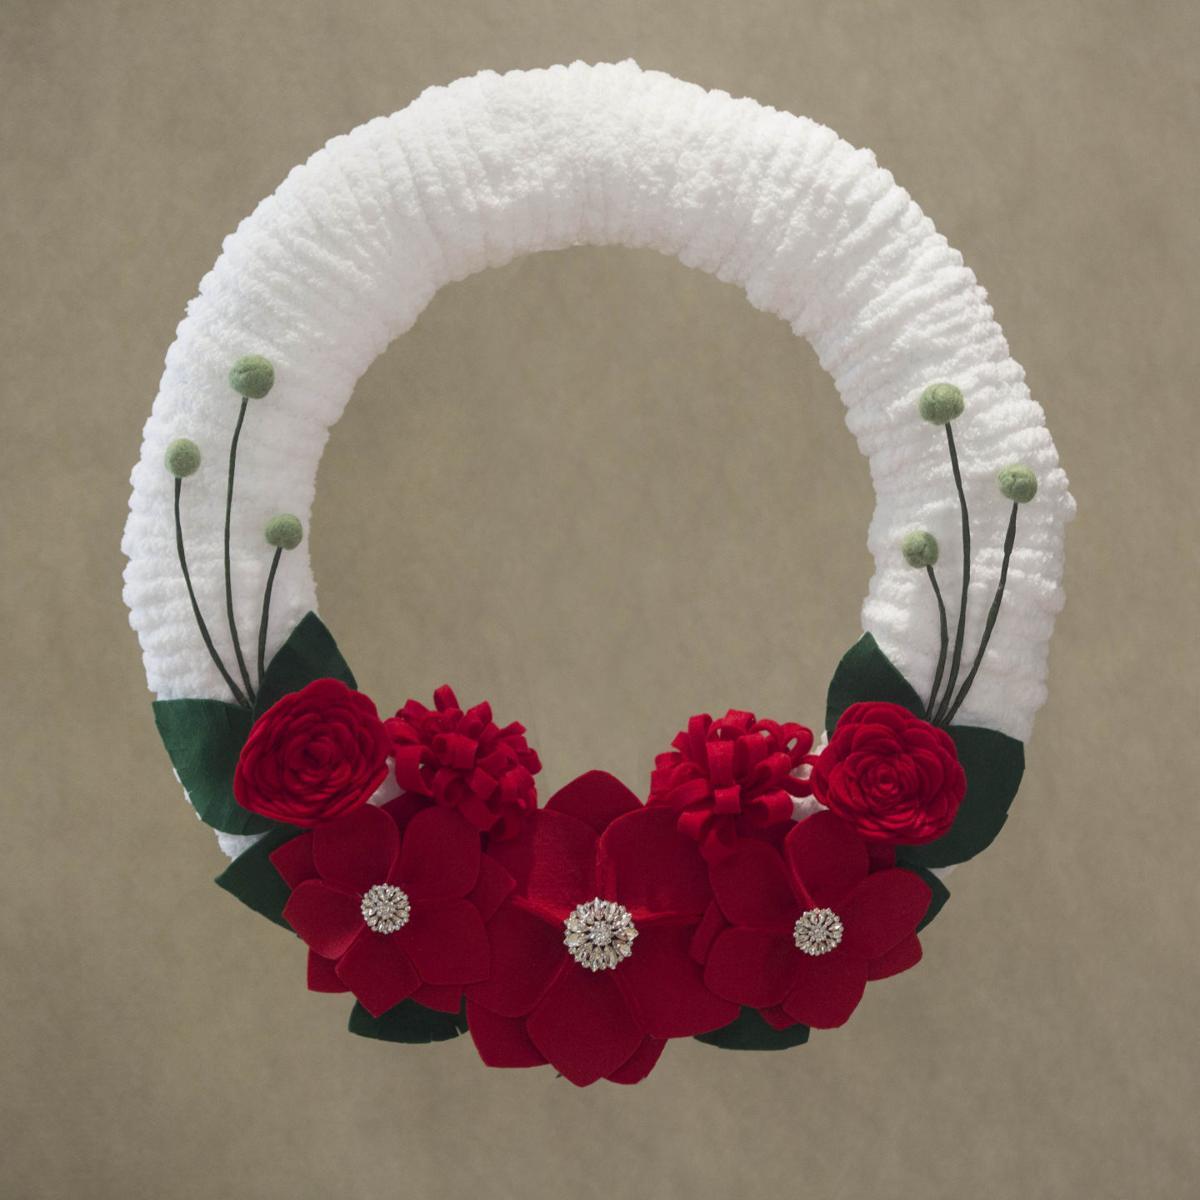 Cancer Navigators wreath auction